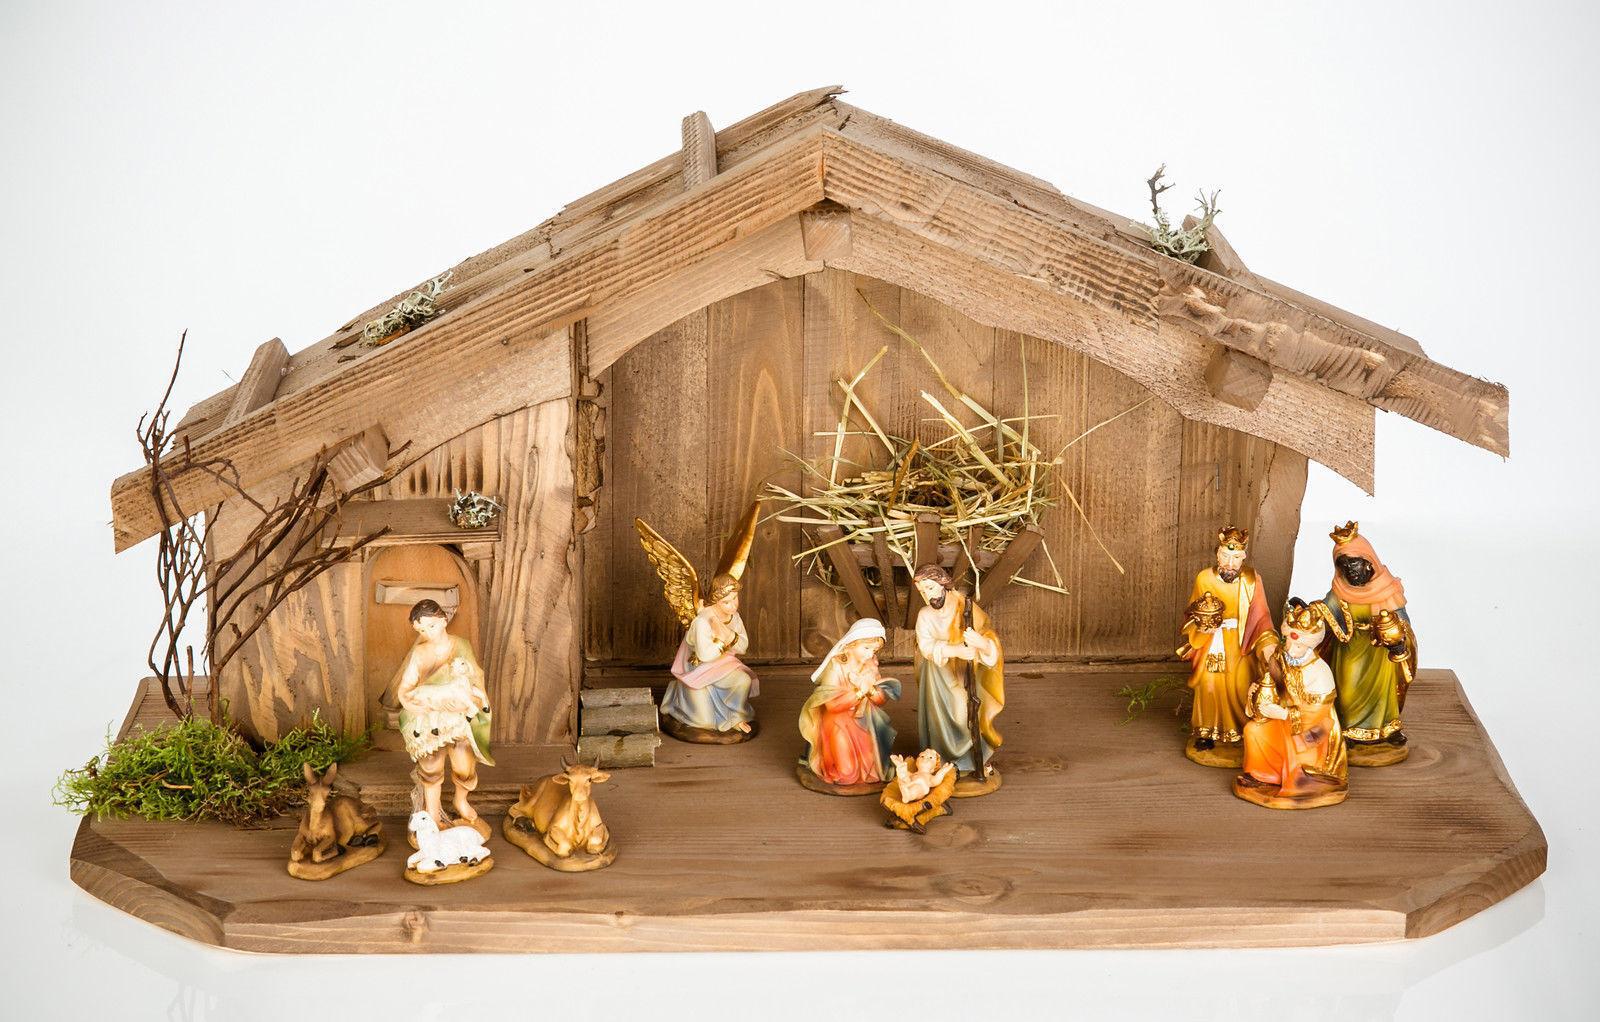 Weihnachtskrippe aus Holz mit mit mit Figuren Krippe W008+KF2 Weihnachtskrippen Stall 1074d1